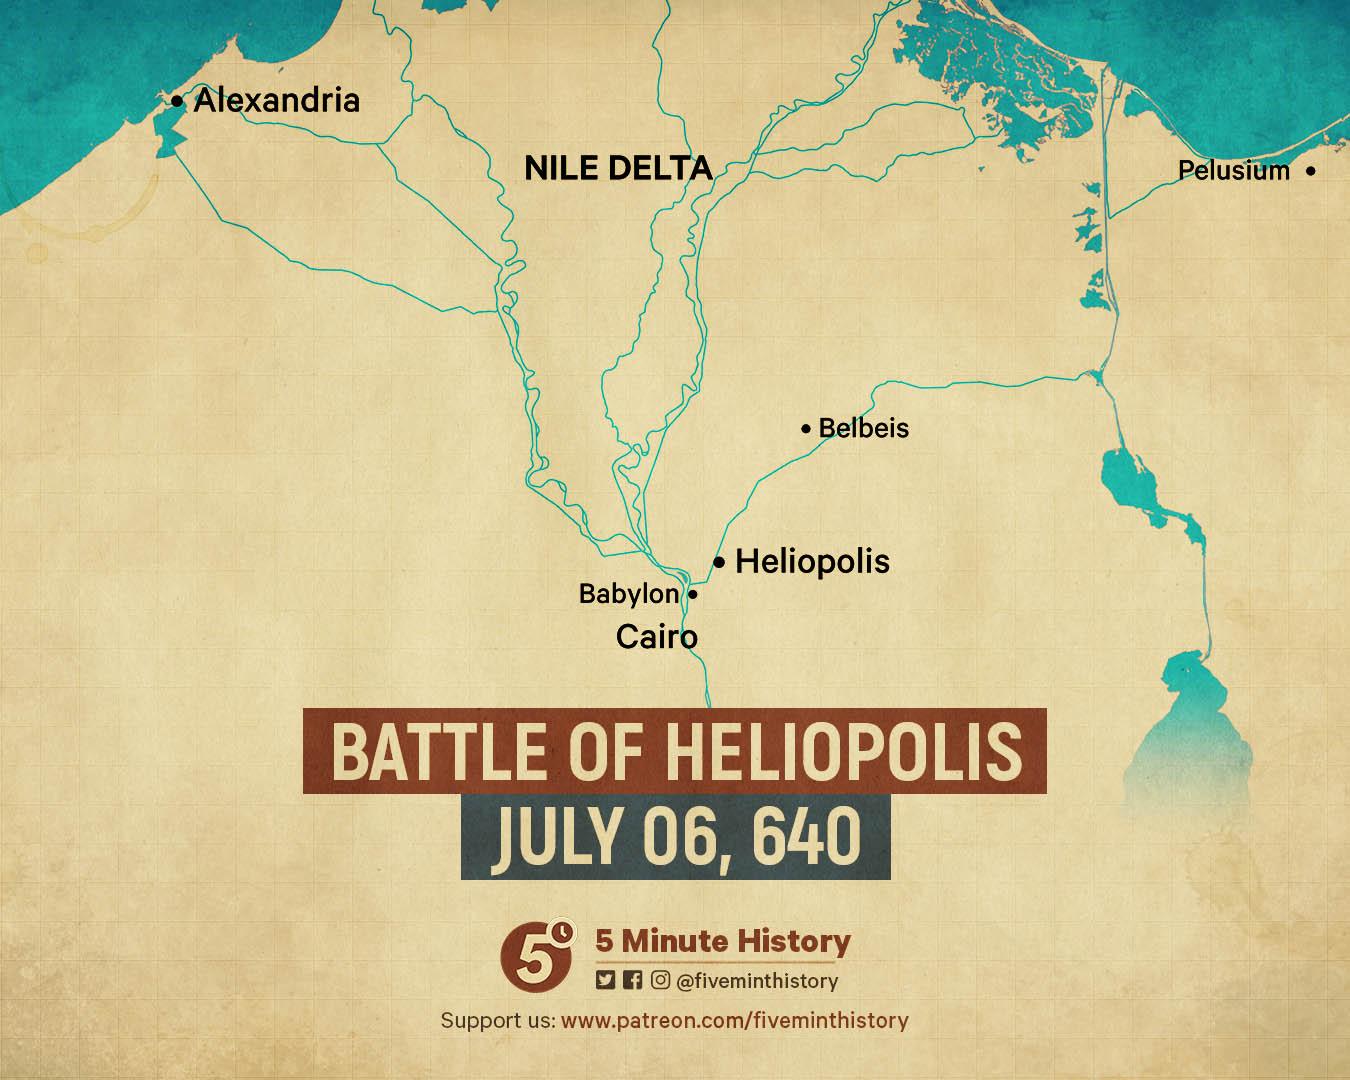 Battle of Heliopolis map